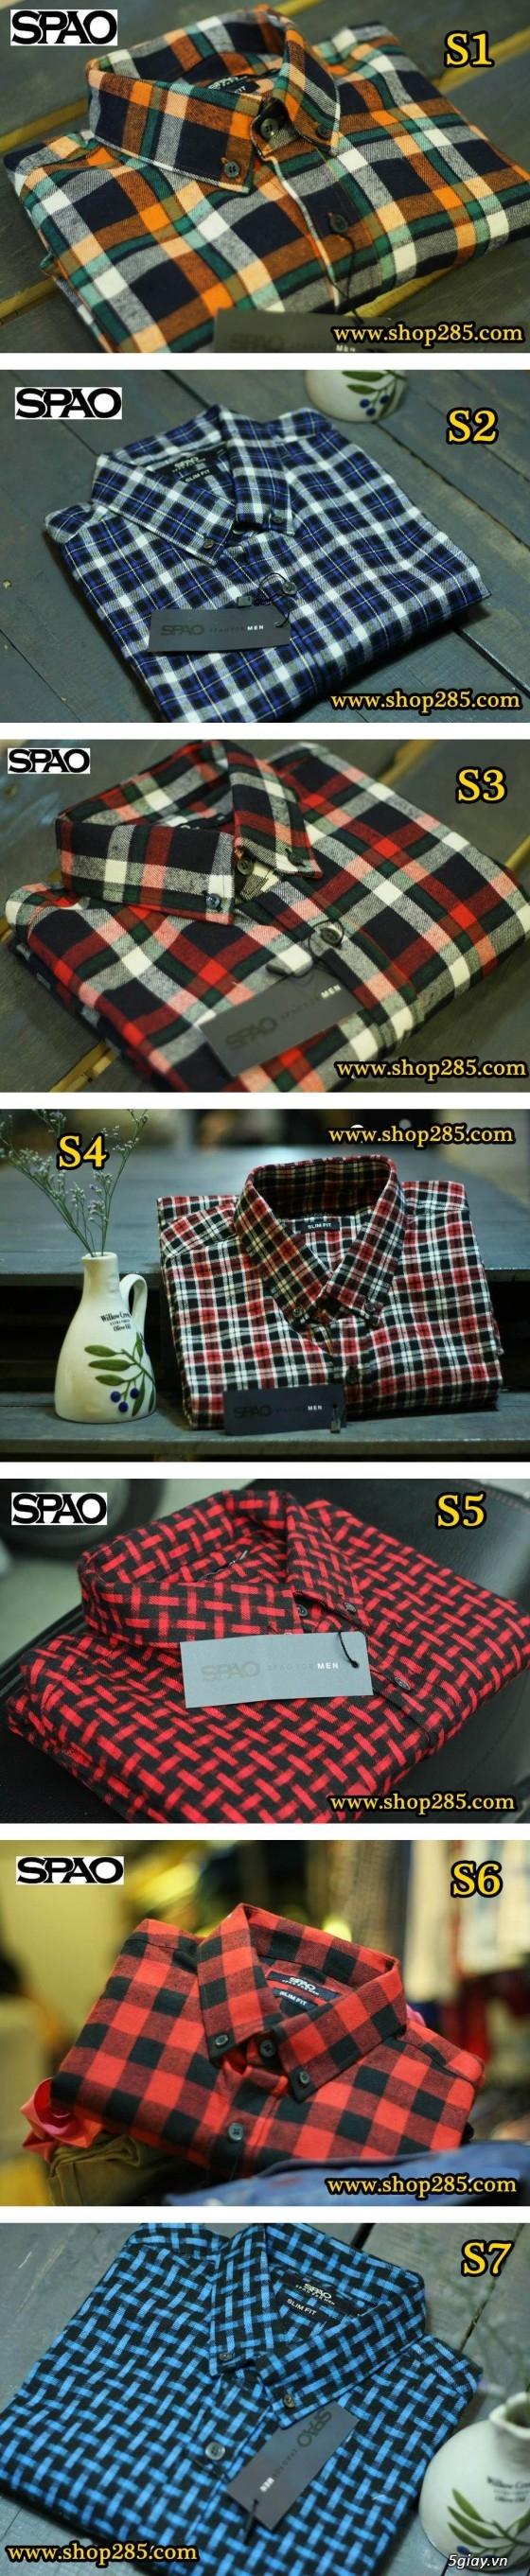 Shop285.com - Shop quần áo thời trang nam VNXK mẫu mới về liên tục ^^ - 31